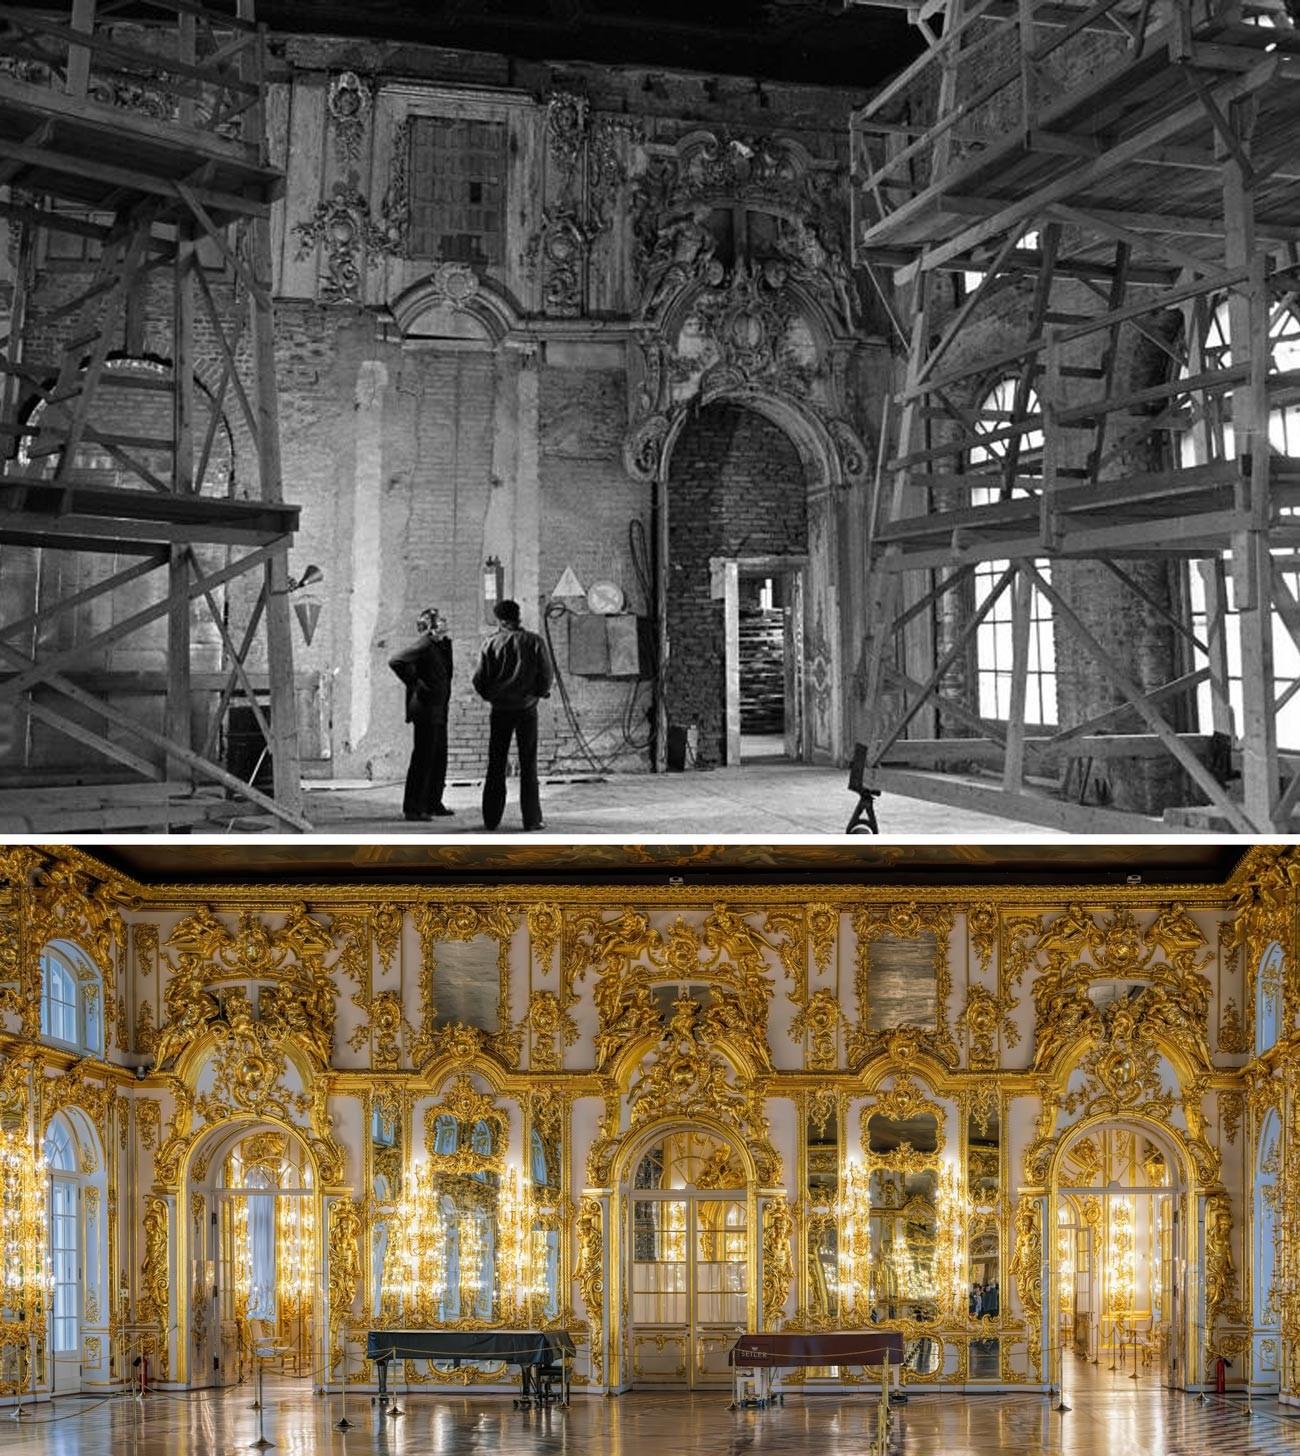 エカテリーナ宮殿の大広間